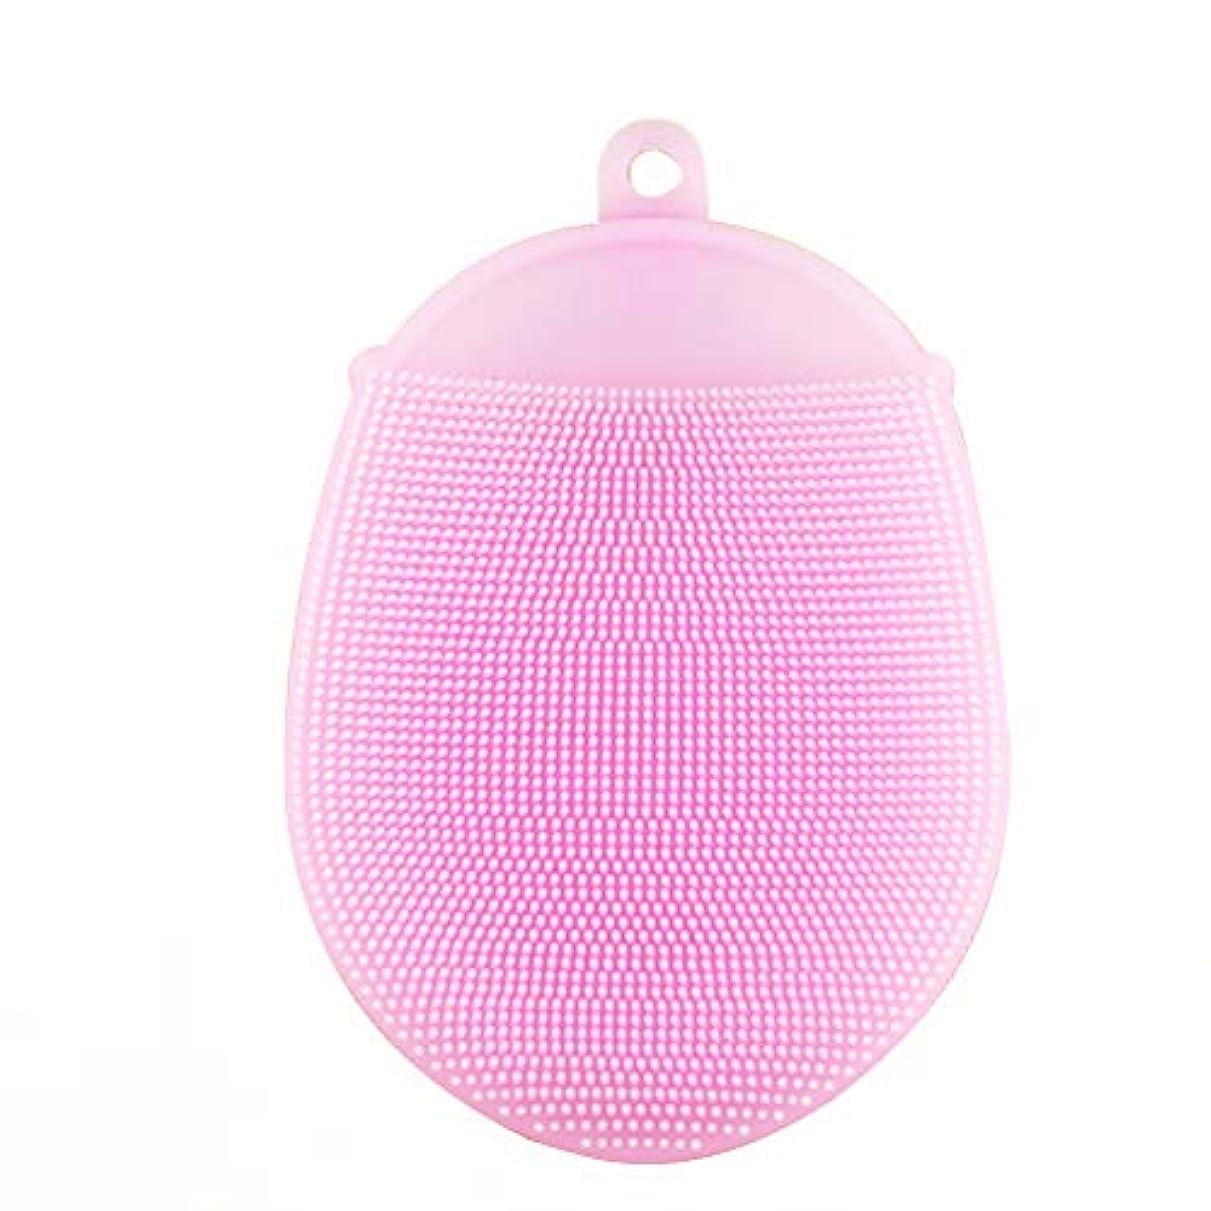 分析する柔らかさフェリーHealifty シリコン 入浴ブラシ 抗菌 シャワースクラバー 洗顔パッド 2本入 (ピンク)